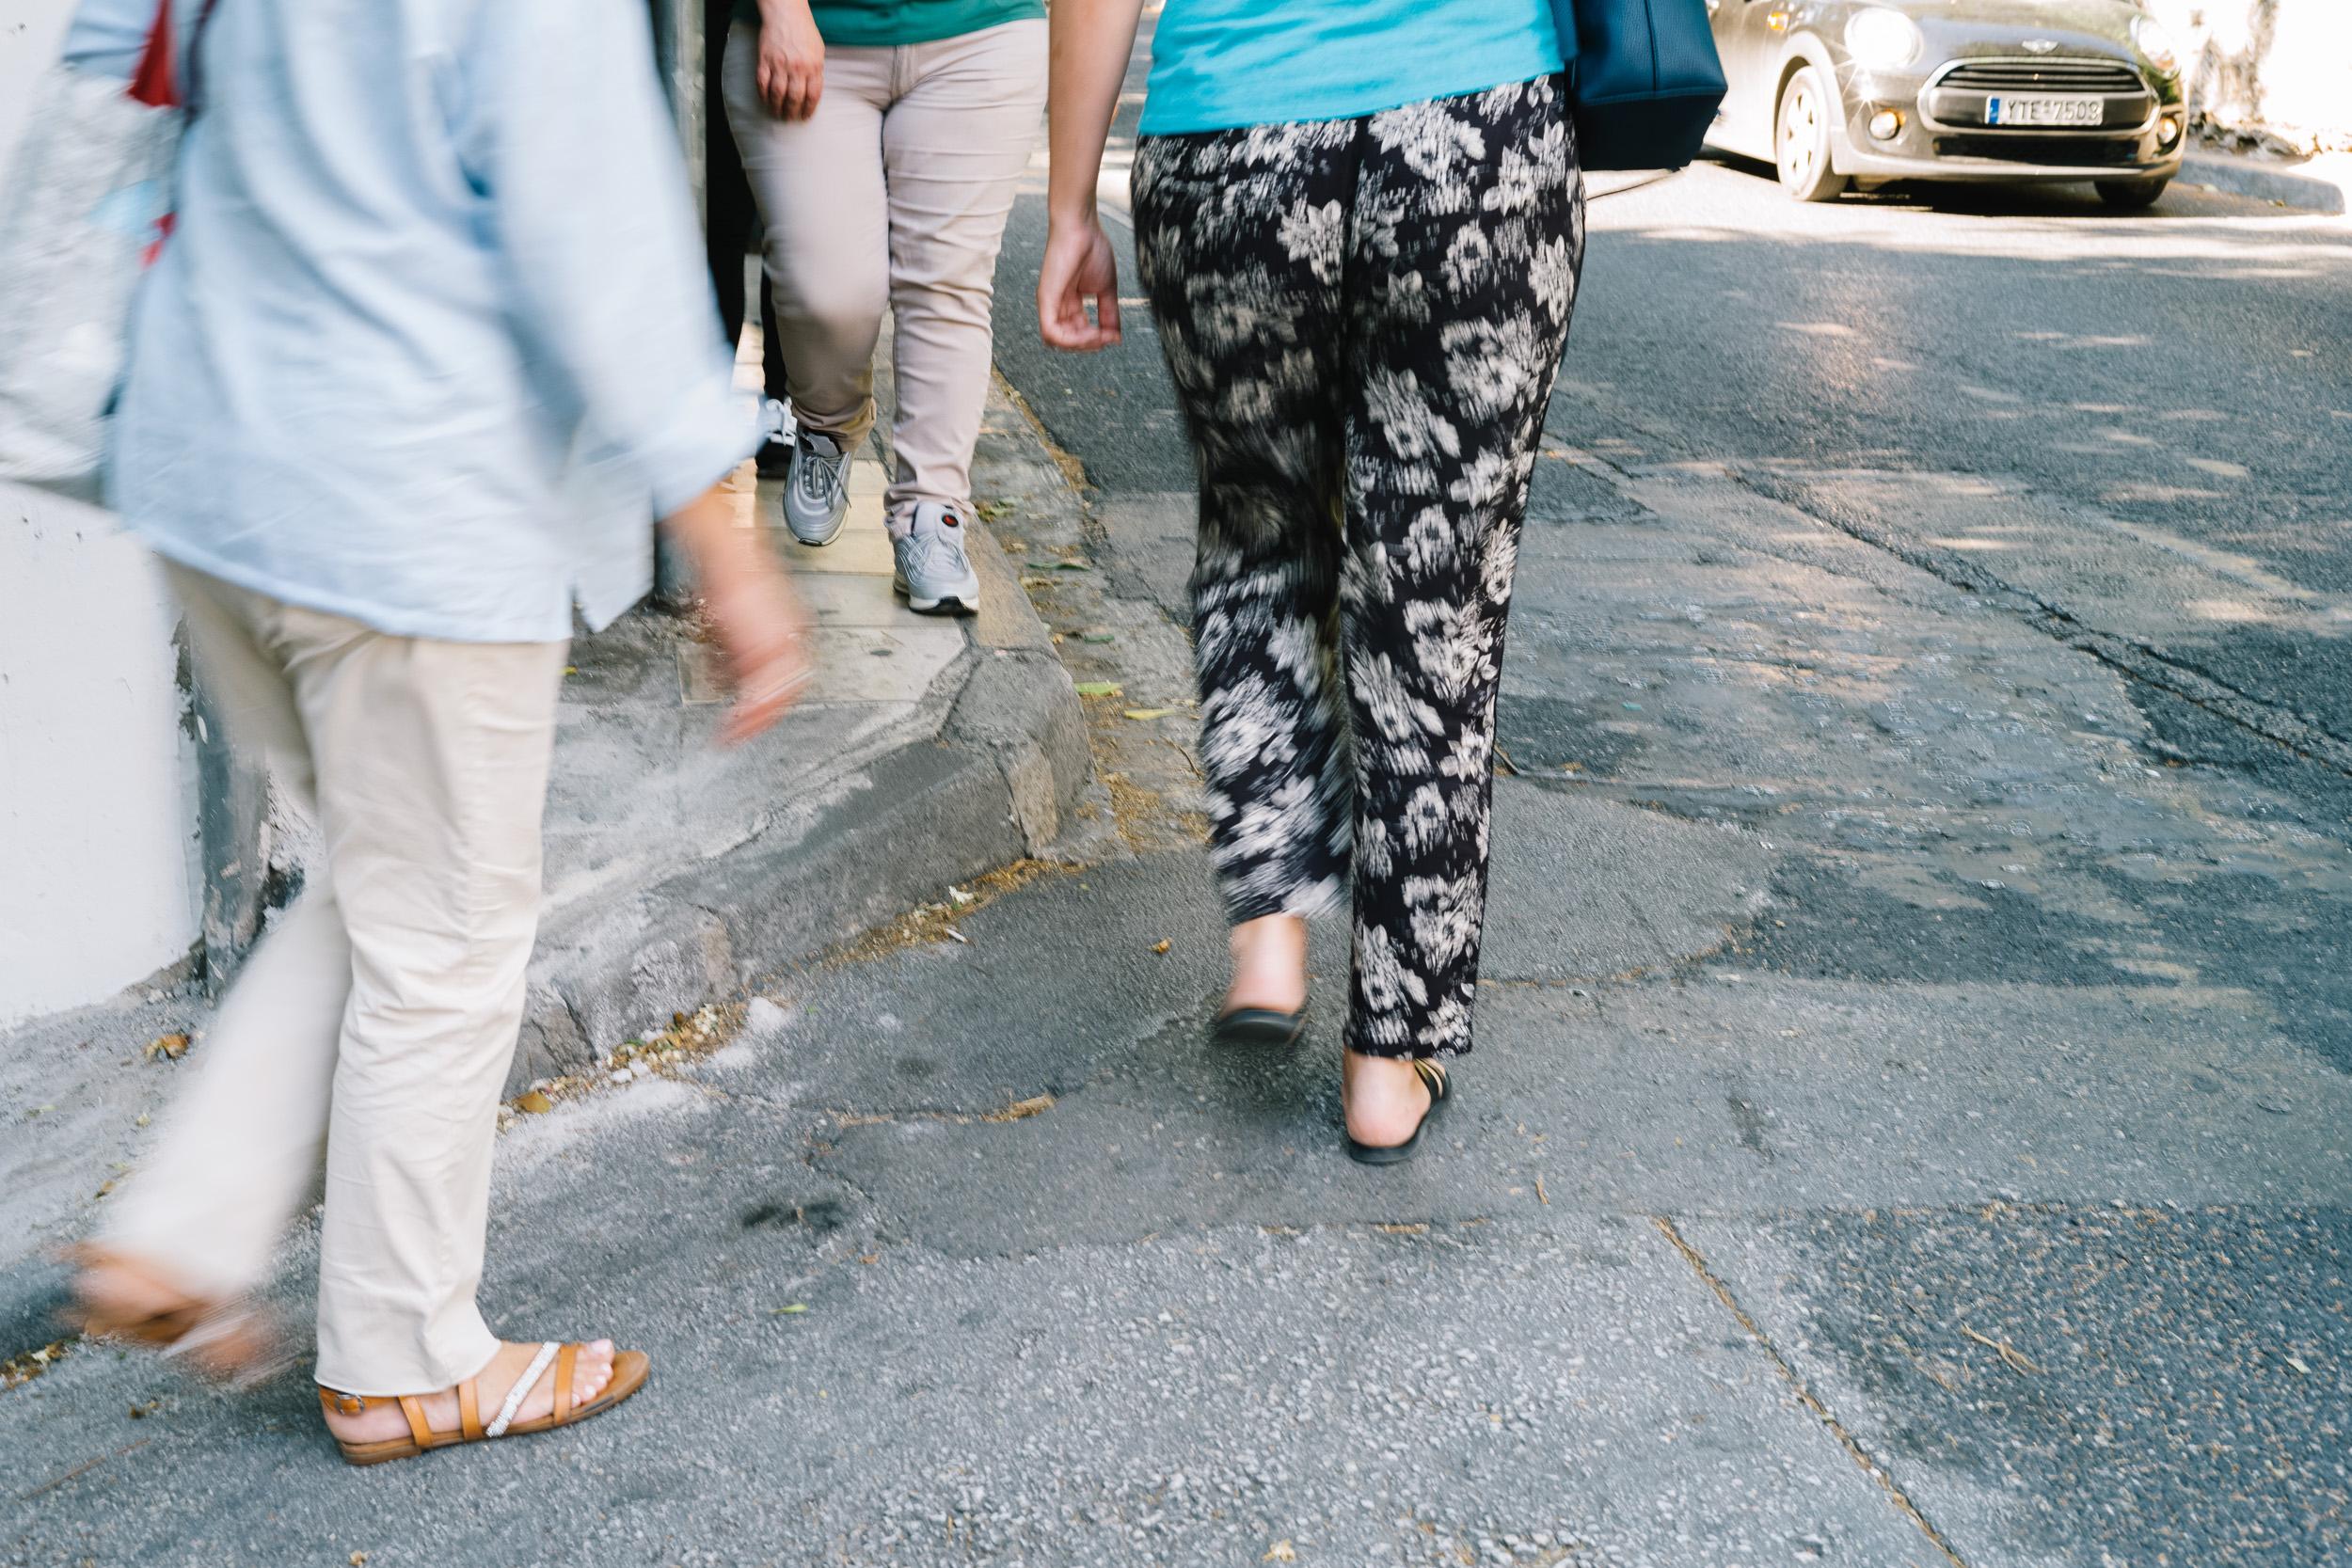 πεζοί που αναγκαστικά περπατούν στο δρόμο γιατί τα πεζοδρόμια είναι πολύ μικρά